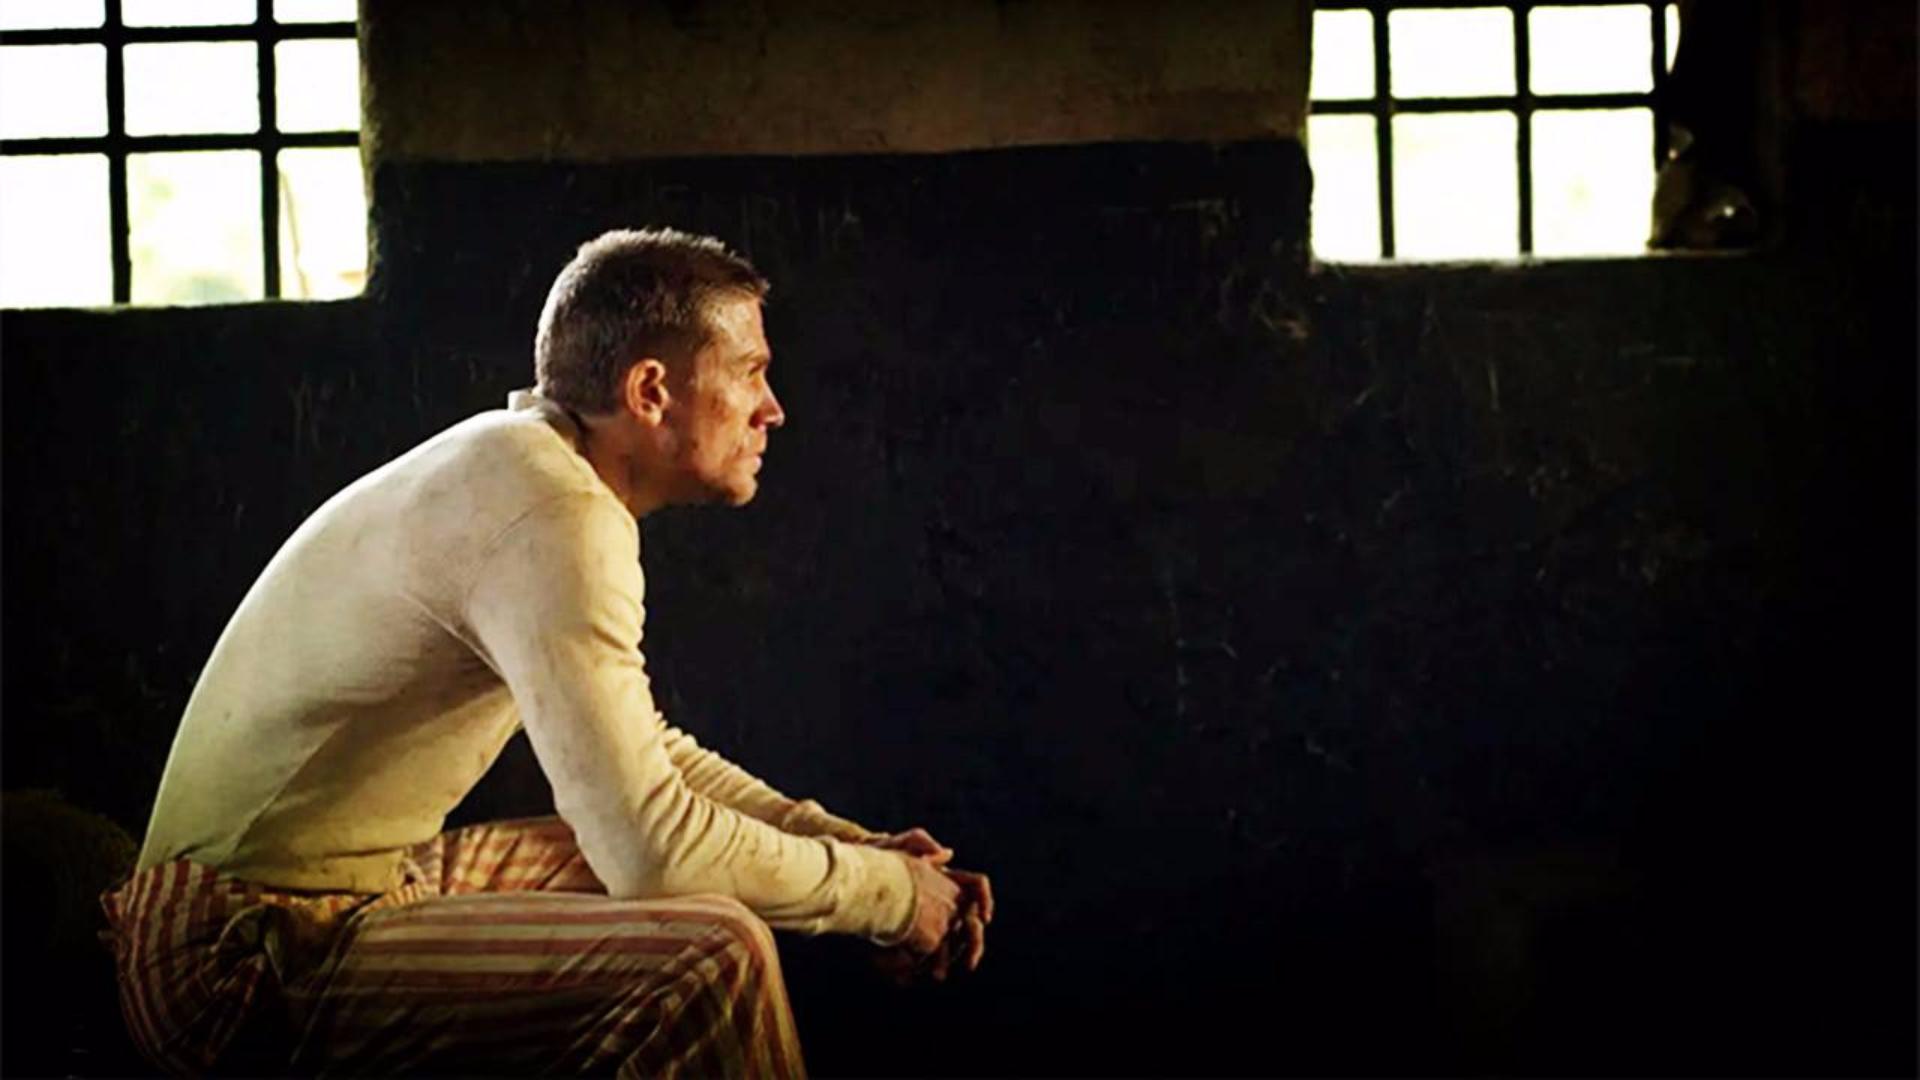 男子十年越狱8次 与肖申克的救赎齐名的电影 根据真实事件改编